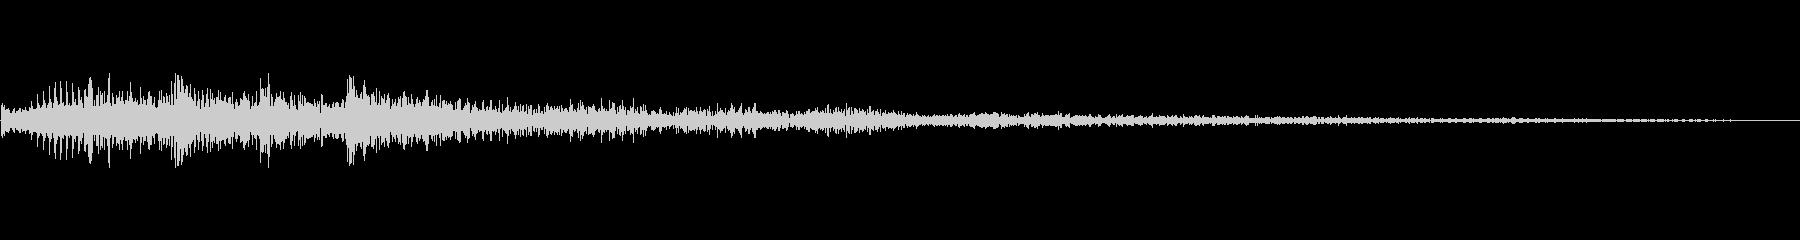 メニュー系SE 決定音10の未再生の波形